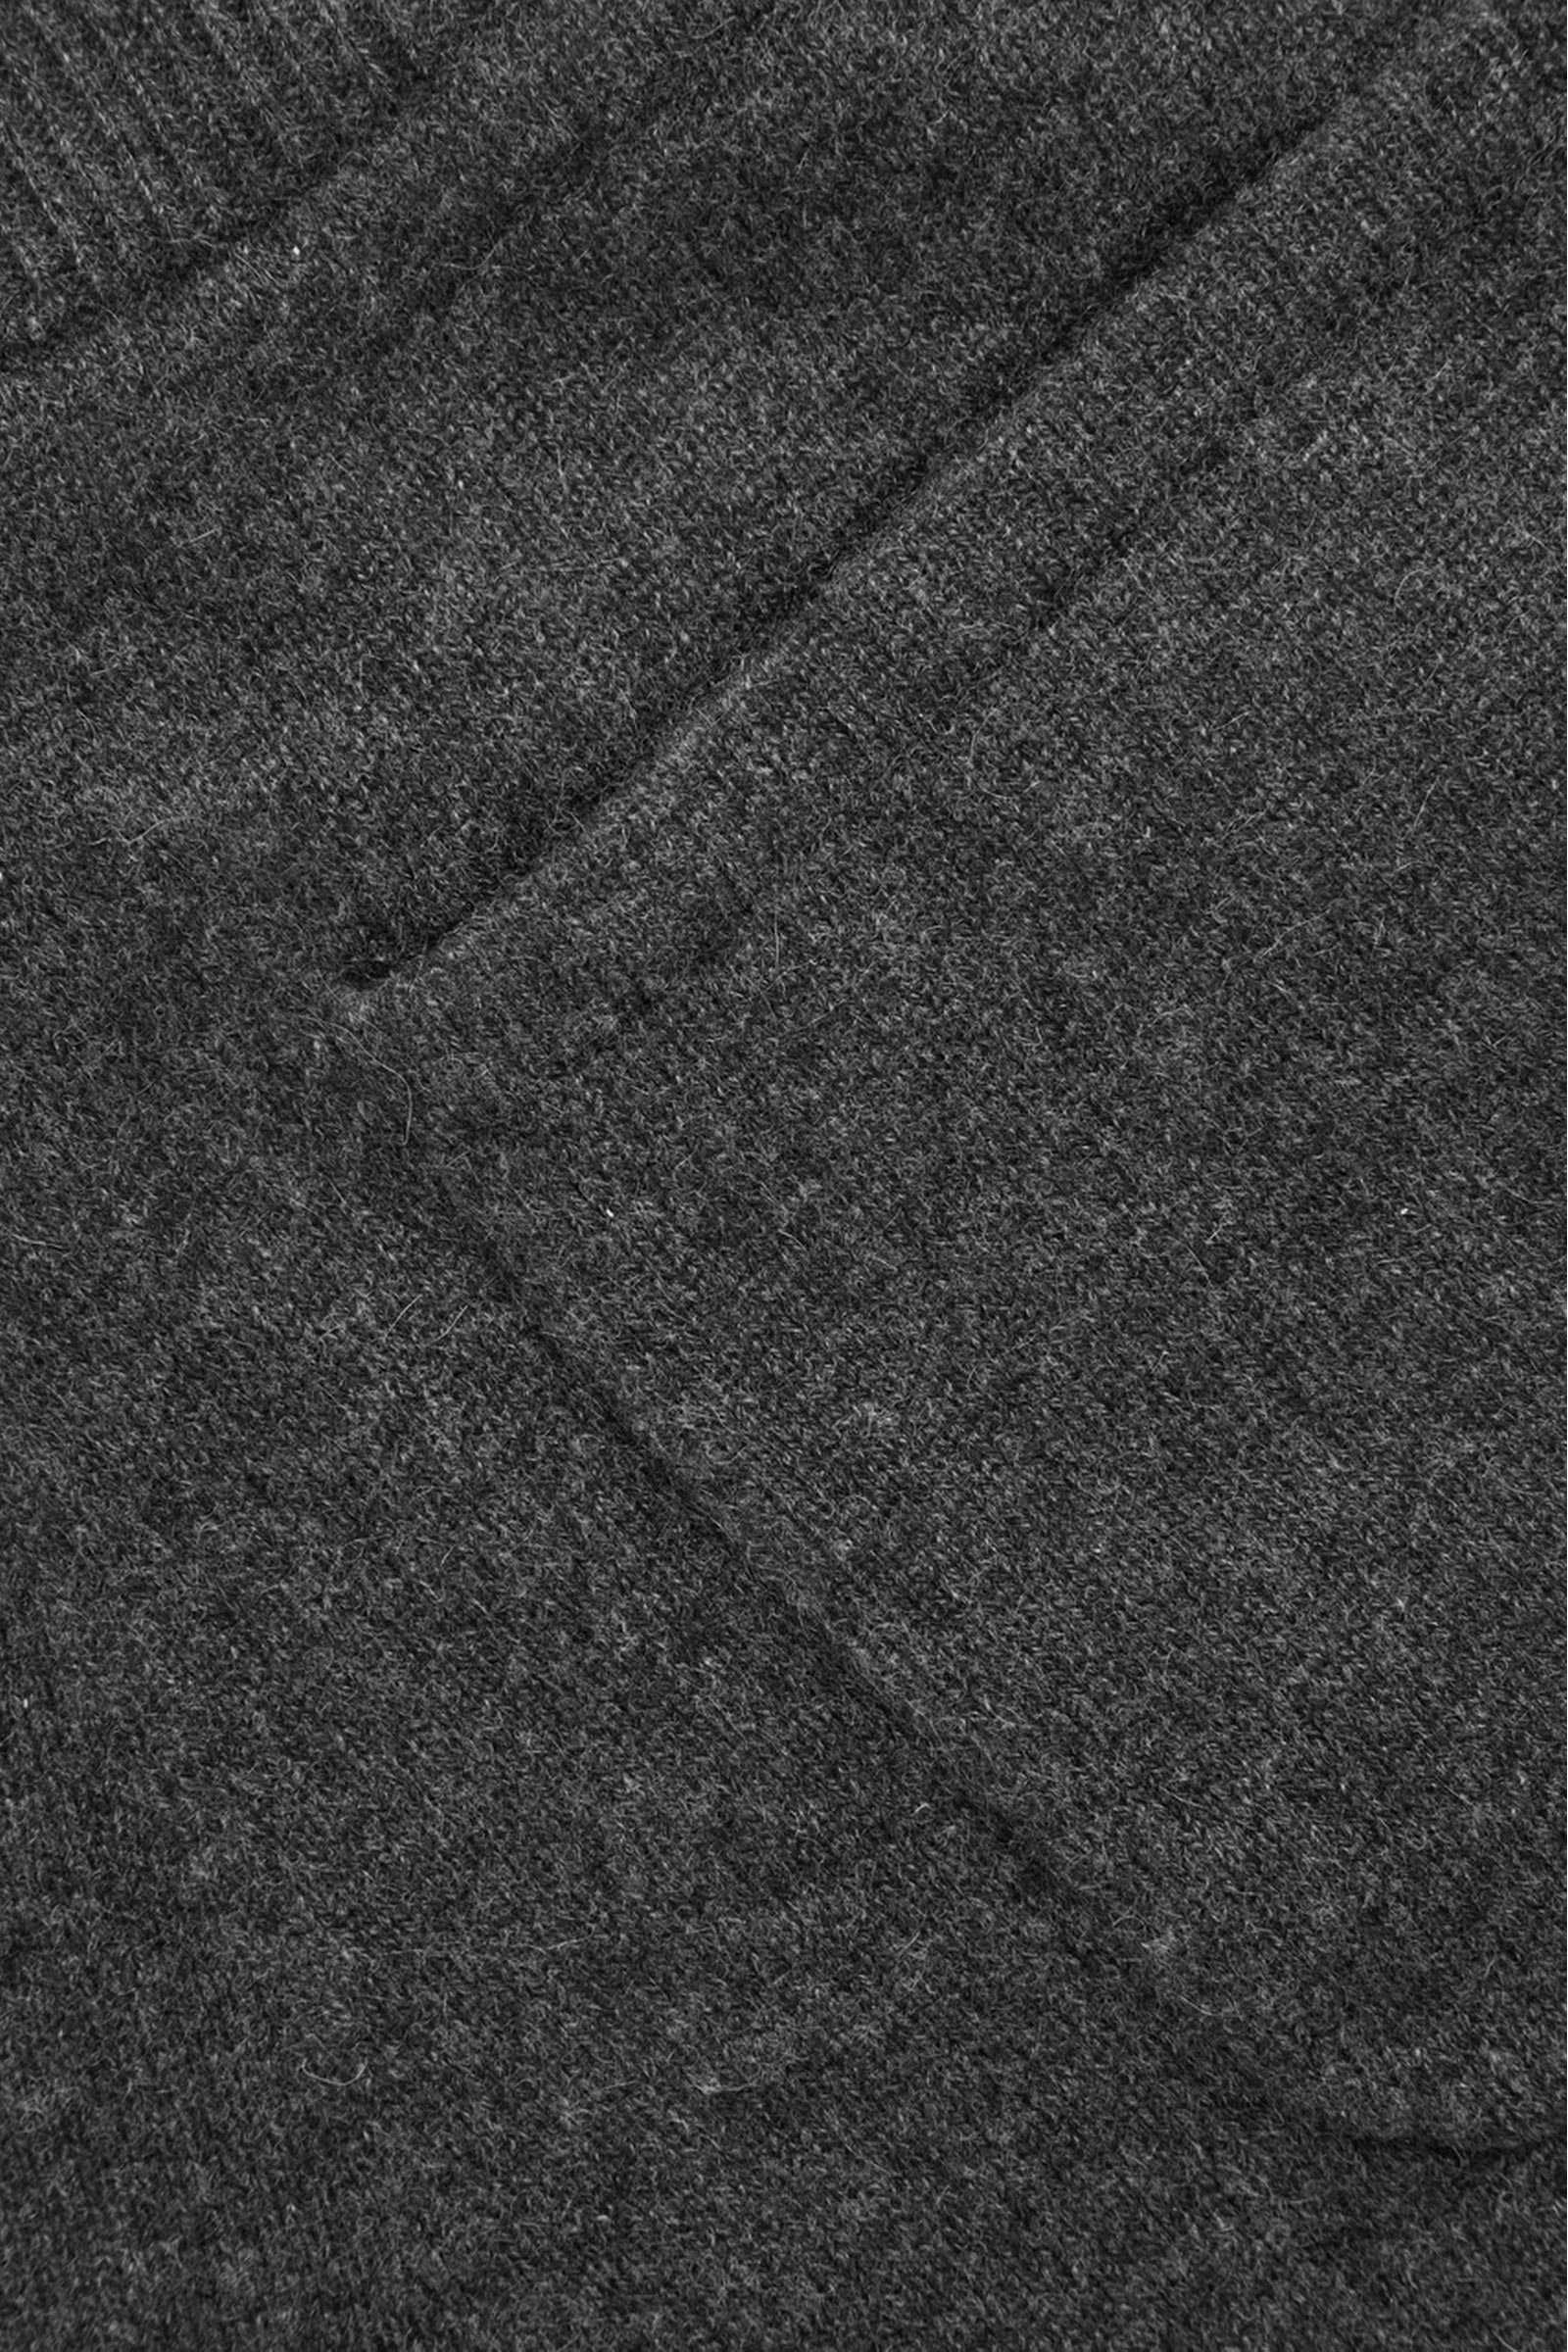 COS 릴랙스드 캐시미어 트라우저의 다크 그레이 멜란지컬러 Product입니다.